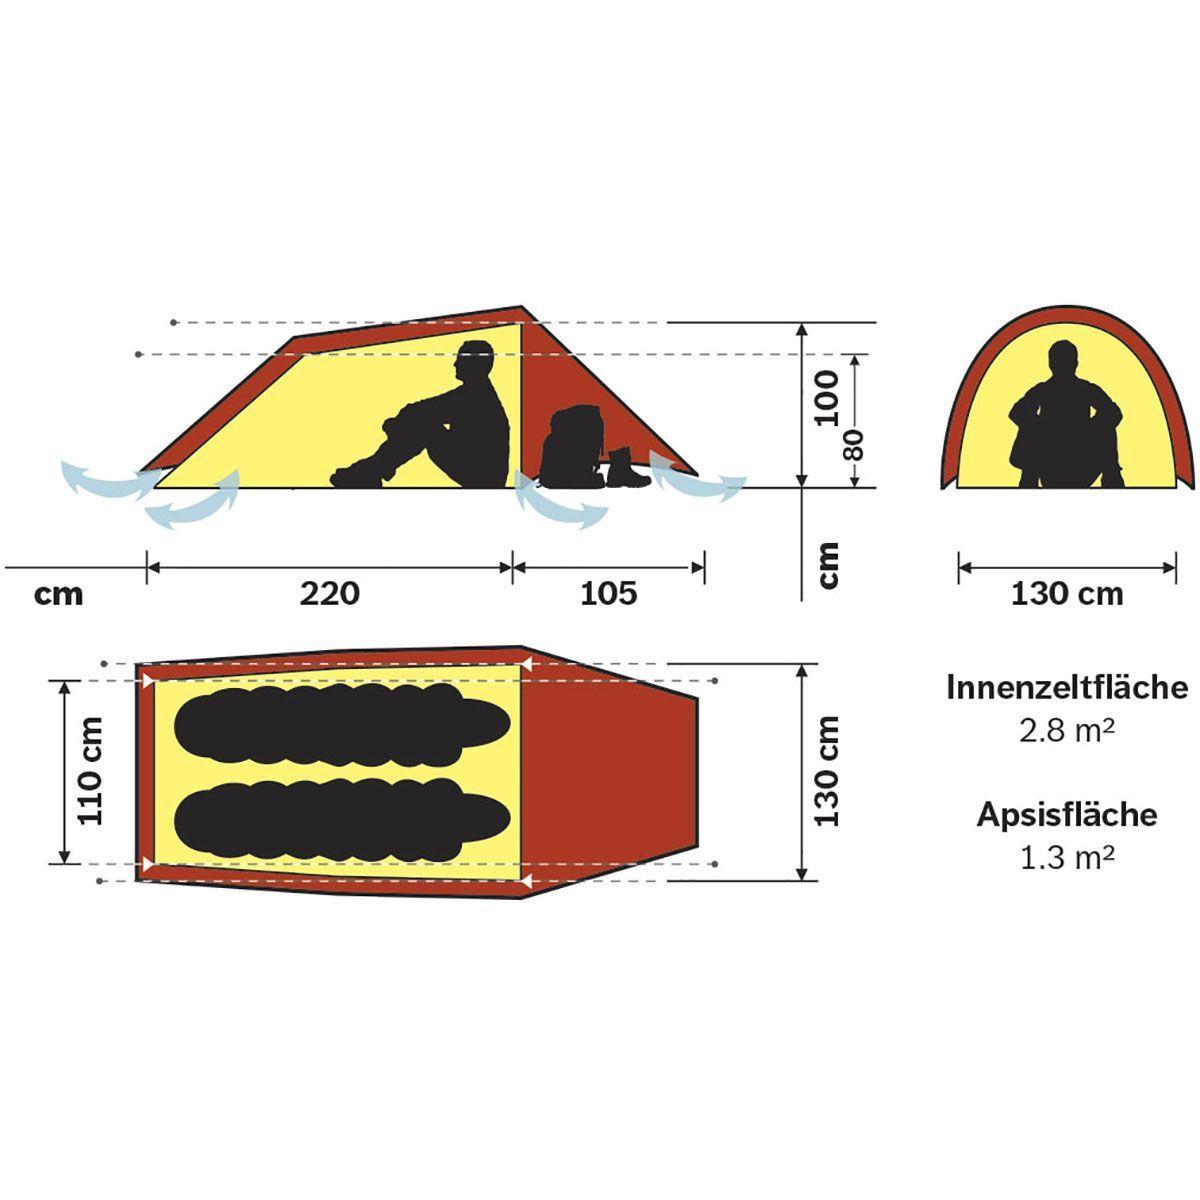 Hilleberg Anjan 2 Zelt Grafik Info